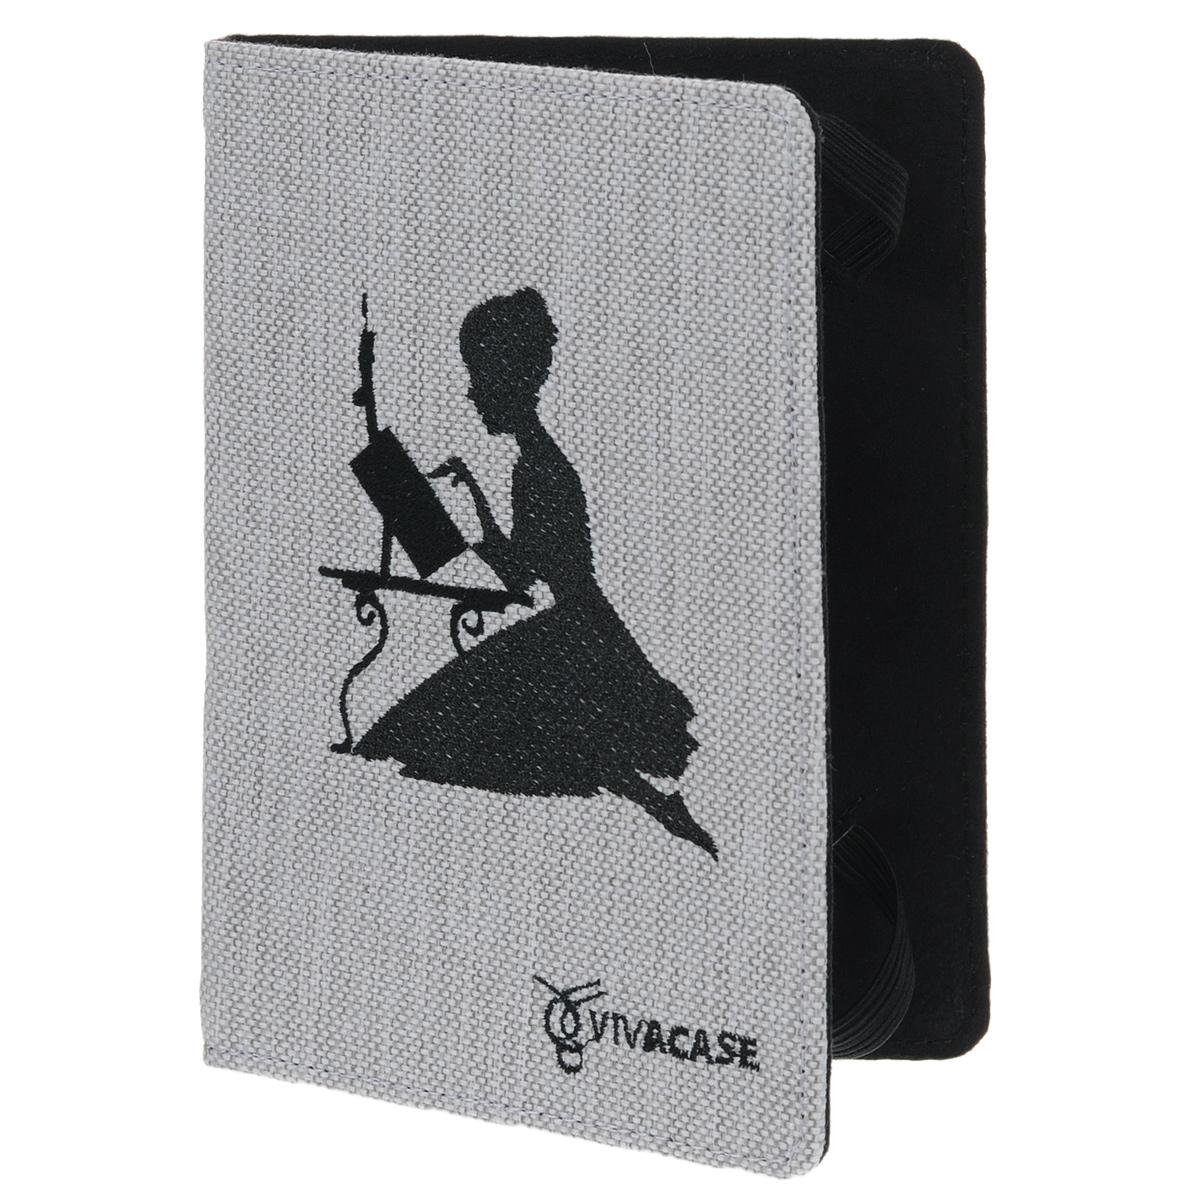 Vivacase Girl чехол для планшетов и e-book 6, White (VUC-CGR01-w)VUC-CGR01-wЧехол Viva Girl для планшетов и e-book 6 предназначен для защиты электронных устройств от механических повреждений и влаги.Крепление EVS позволяет надежно зафиксировать устройство.